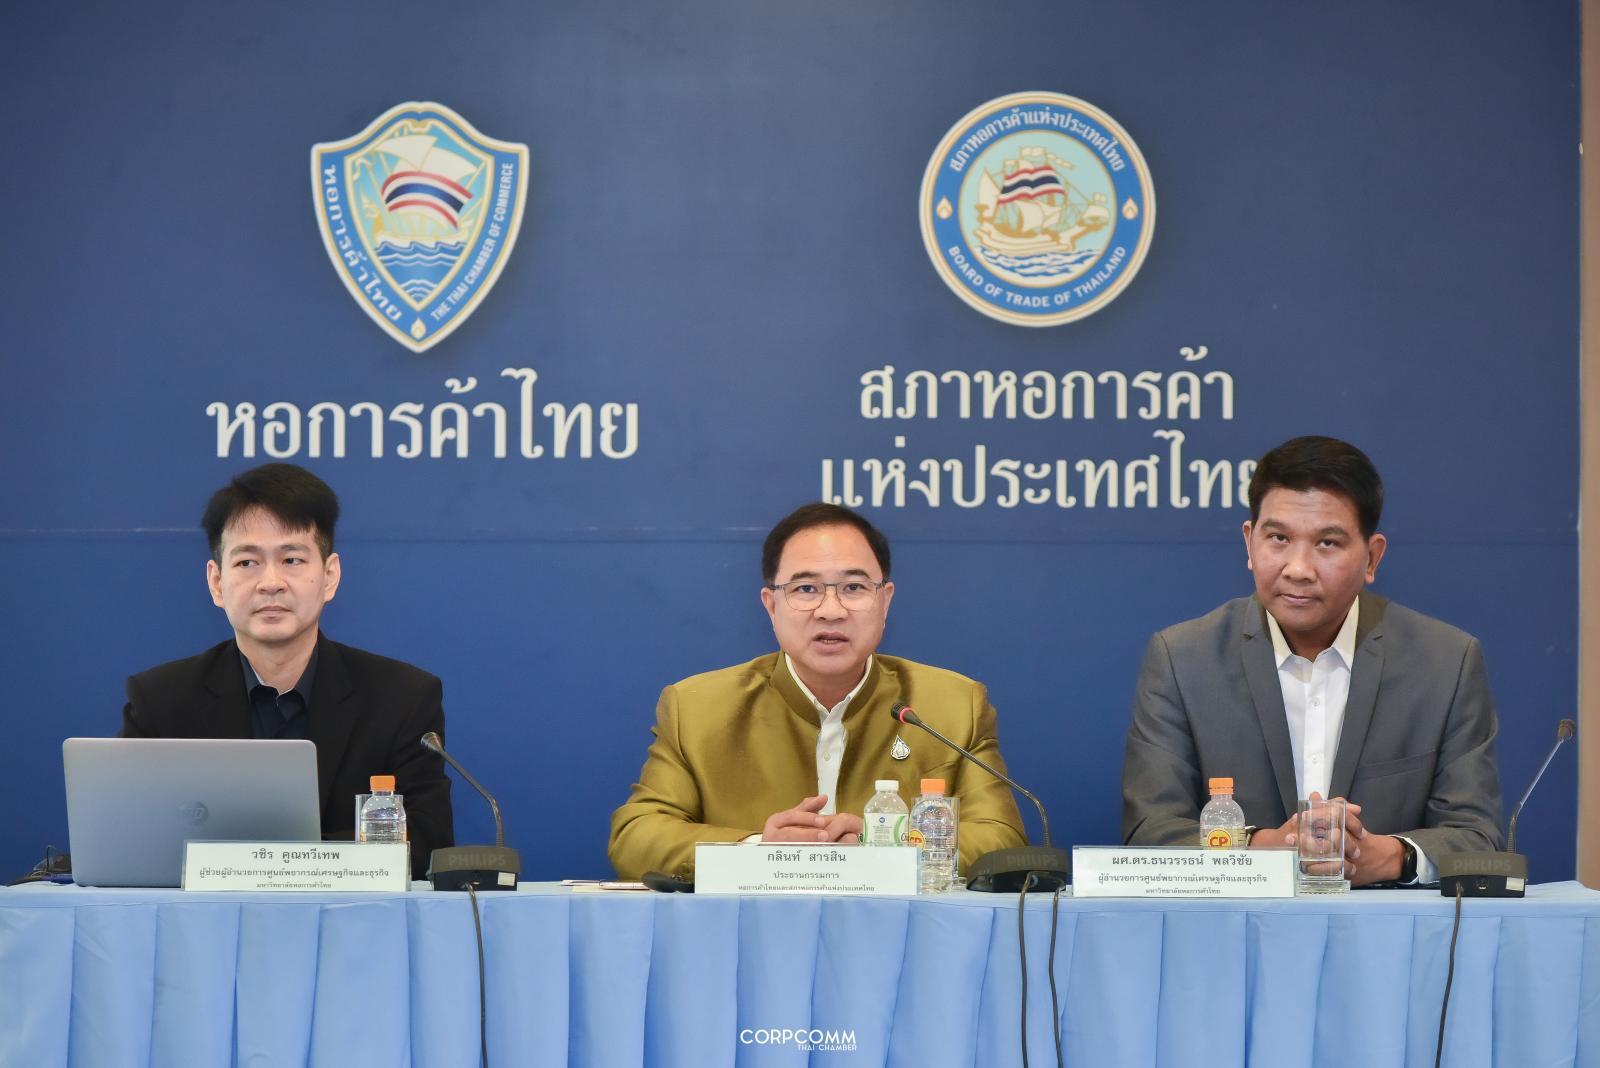 ดัชนีความเชื่อมั่นหอการค้าไทย ลดลงต่อเนื่อง ต่ำสุดในรอบ 22 เดือน แนะรัฐควรออกมาตรการกระตุ้นเศรษฐกิจ